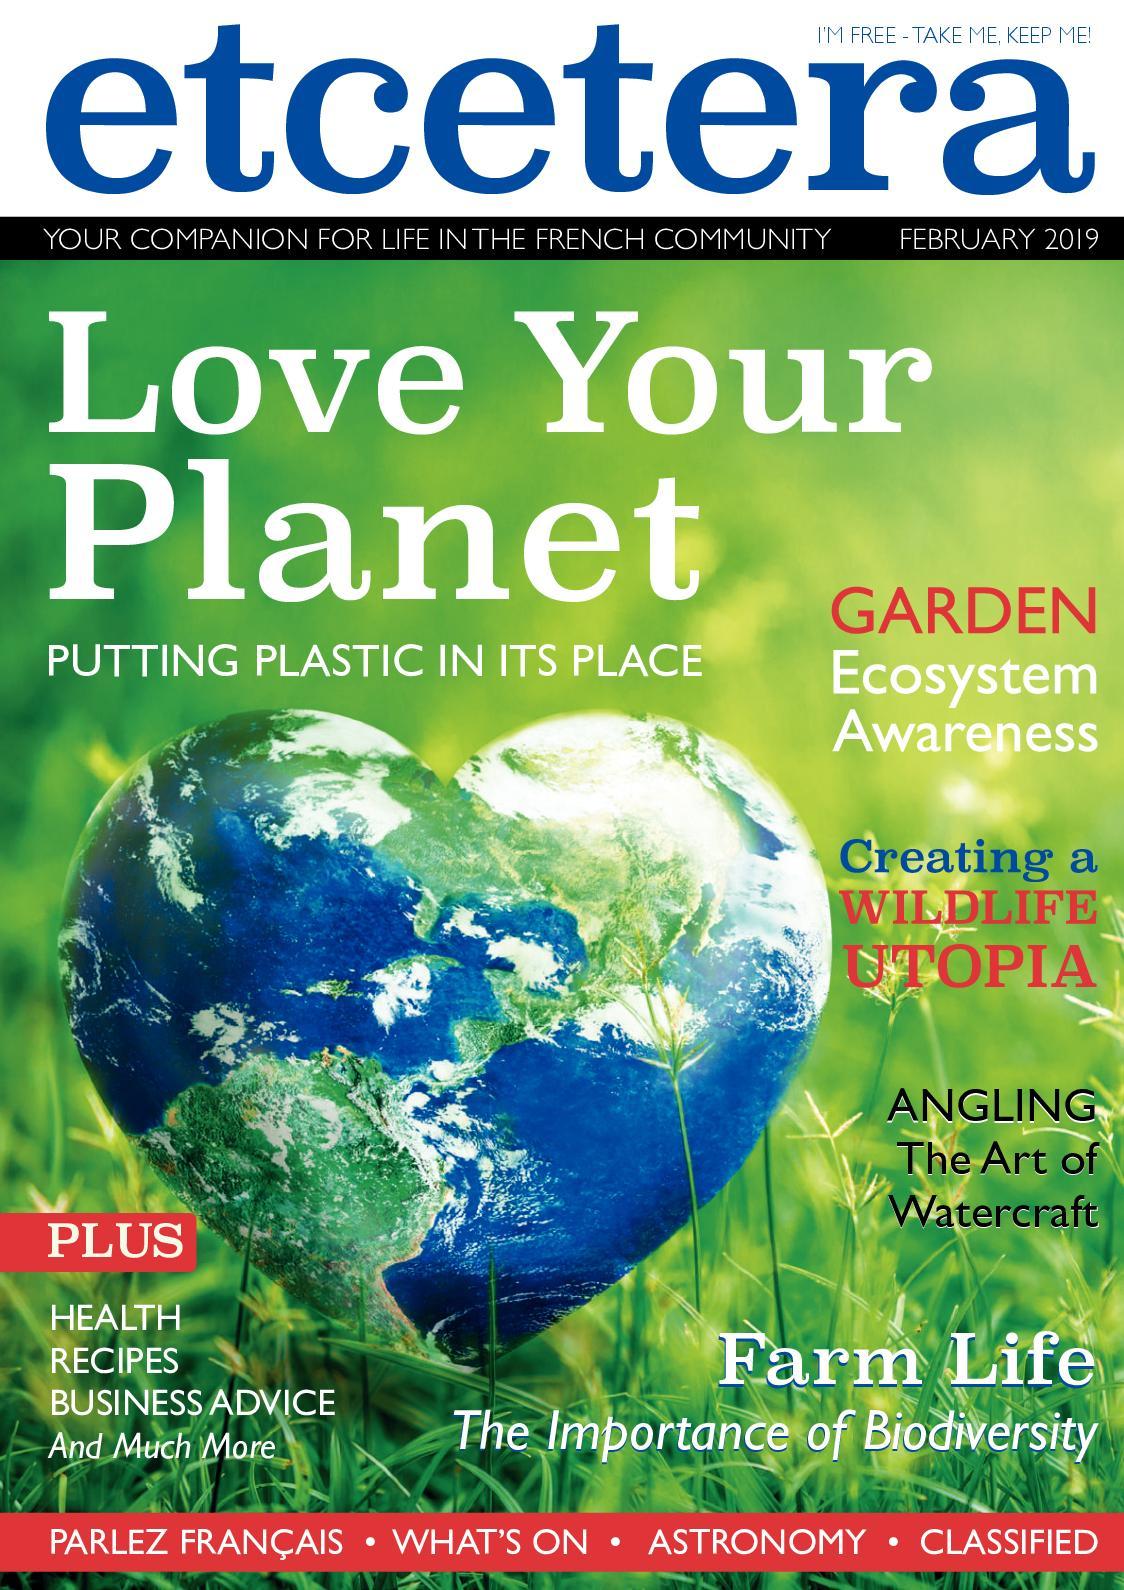 Calaméo - Etcetera Magazine February 2019 avec Incinerateur Jardin